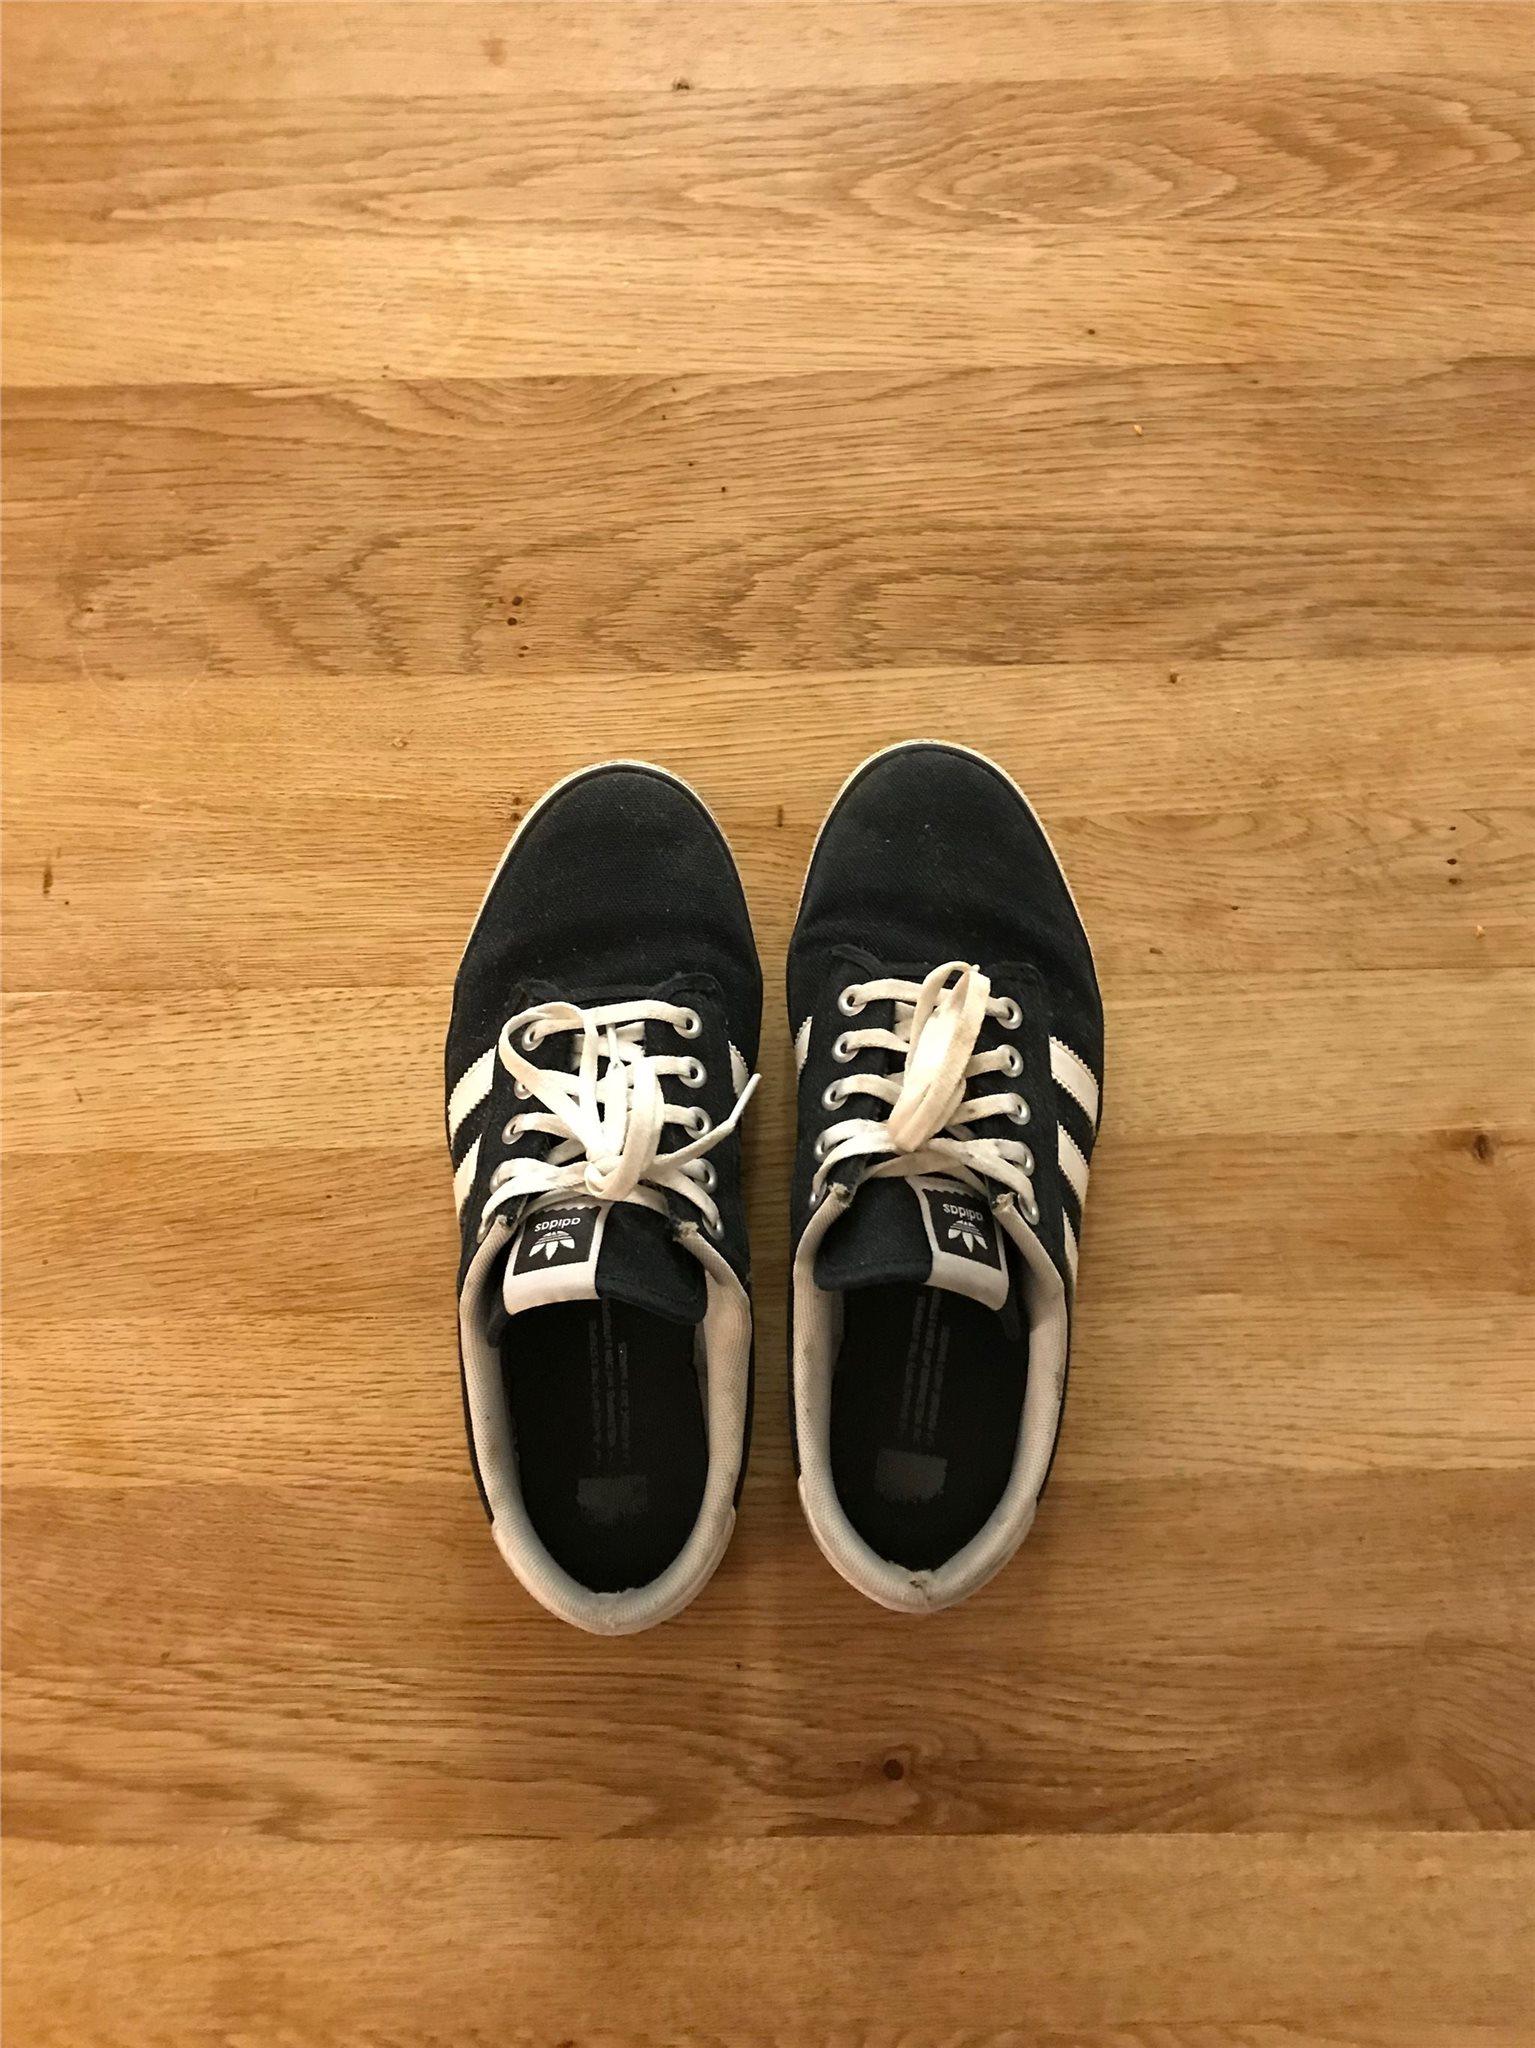 Adidas originals skor storlek 43 (338493192) ᐈ Köp på Tradera